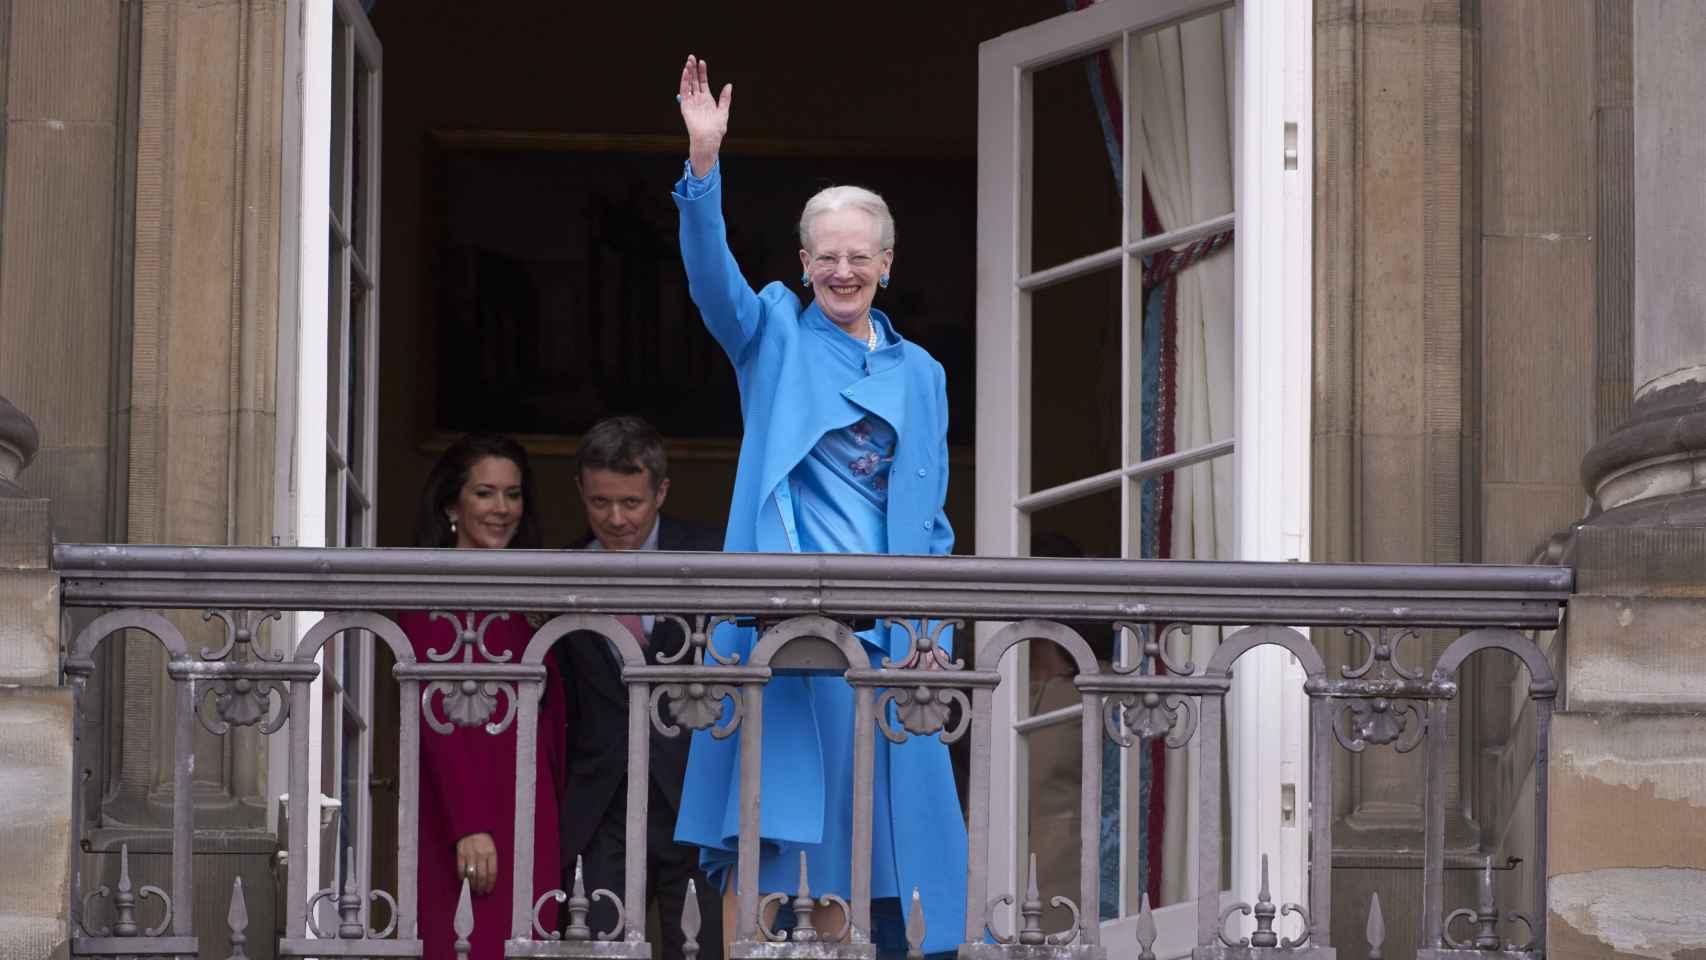 La Reina Margarita salió a saludar primero sola